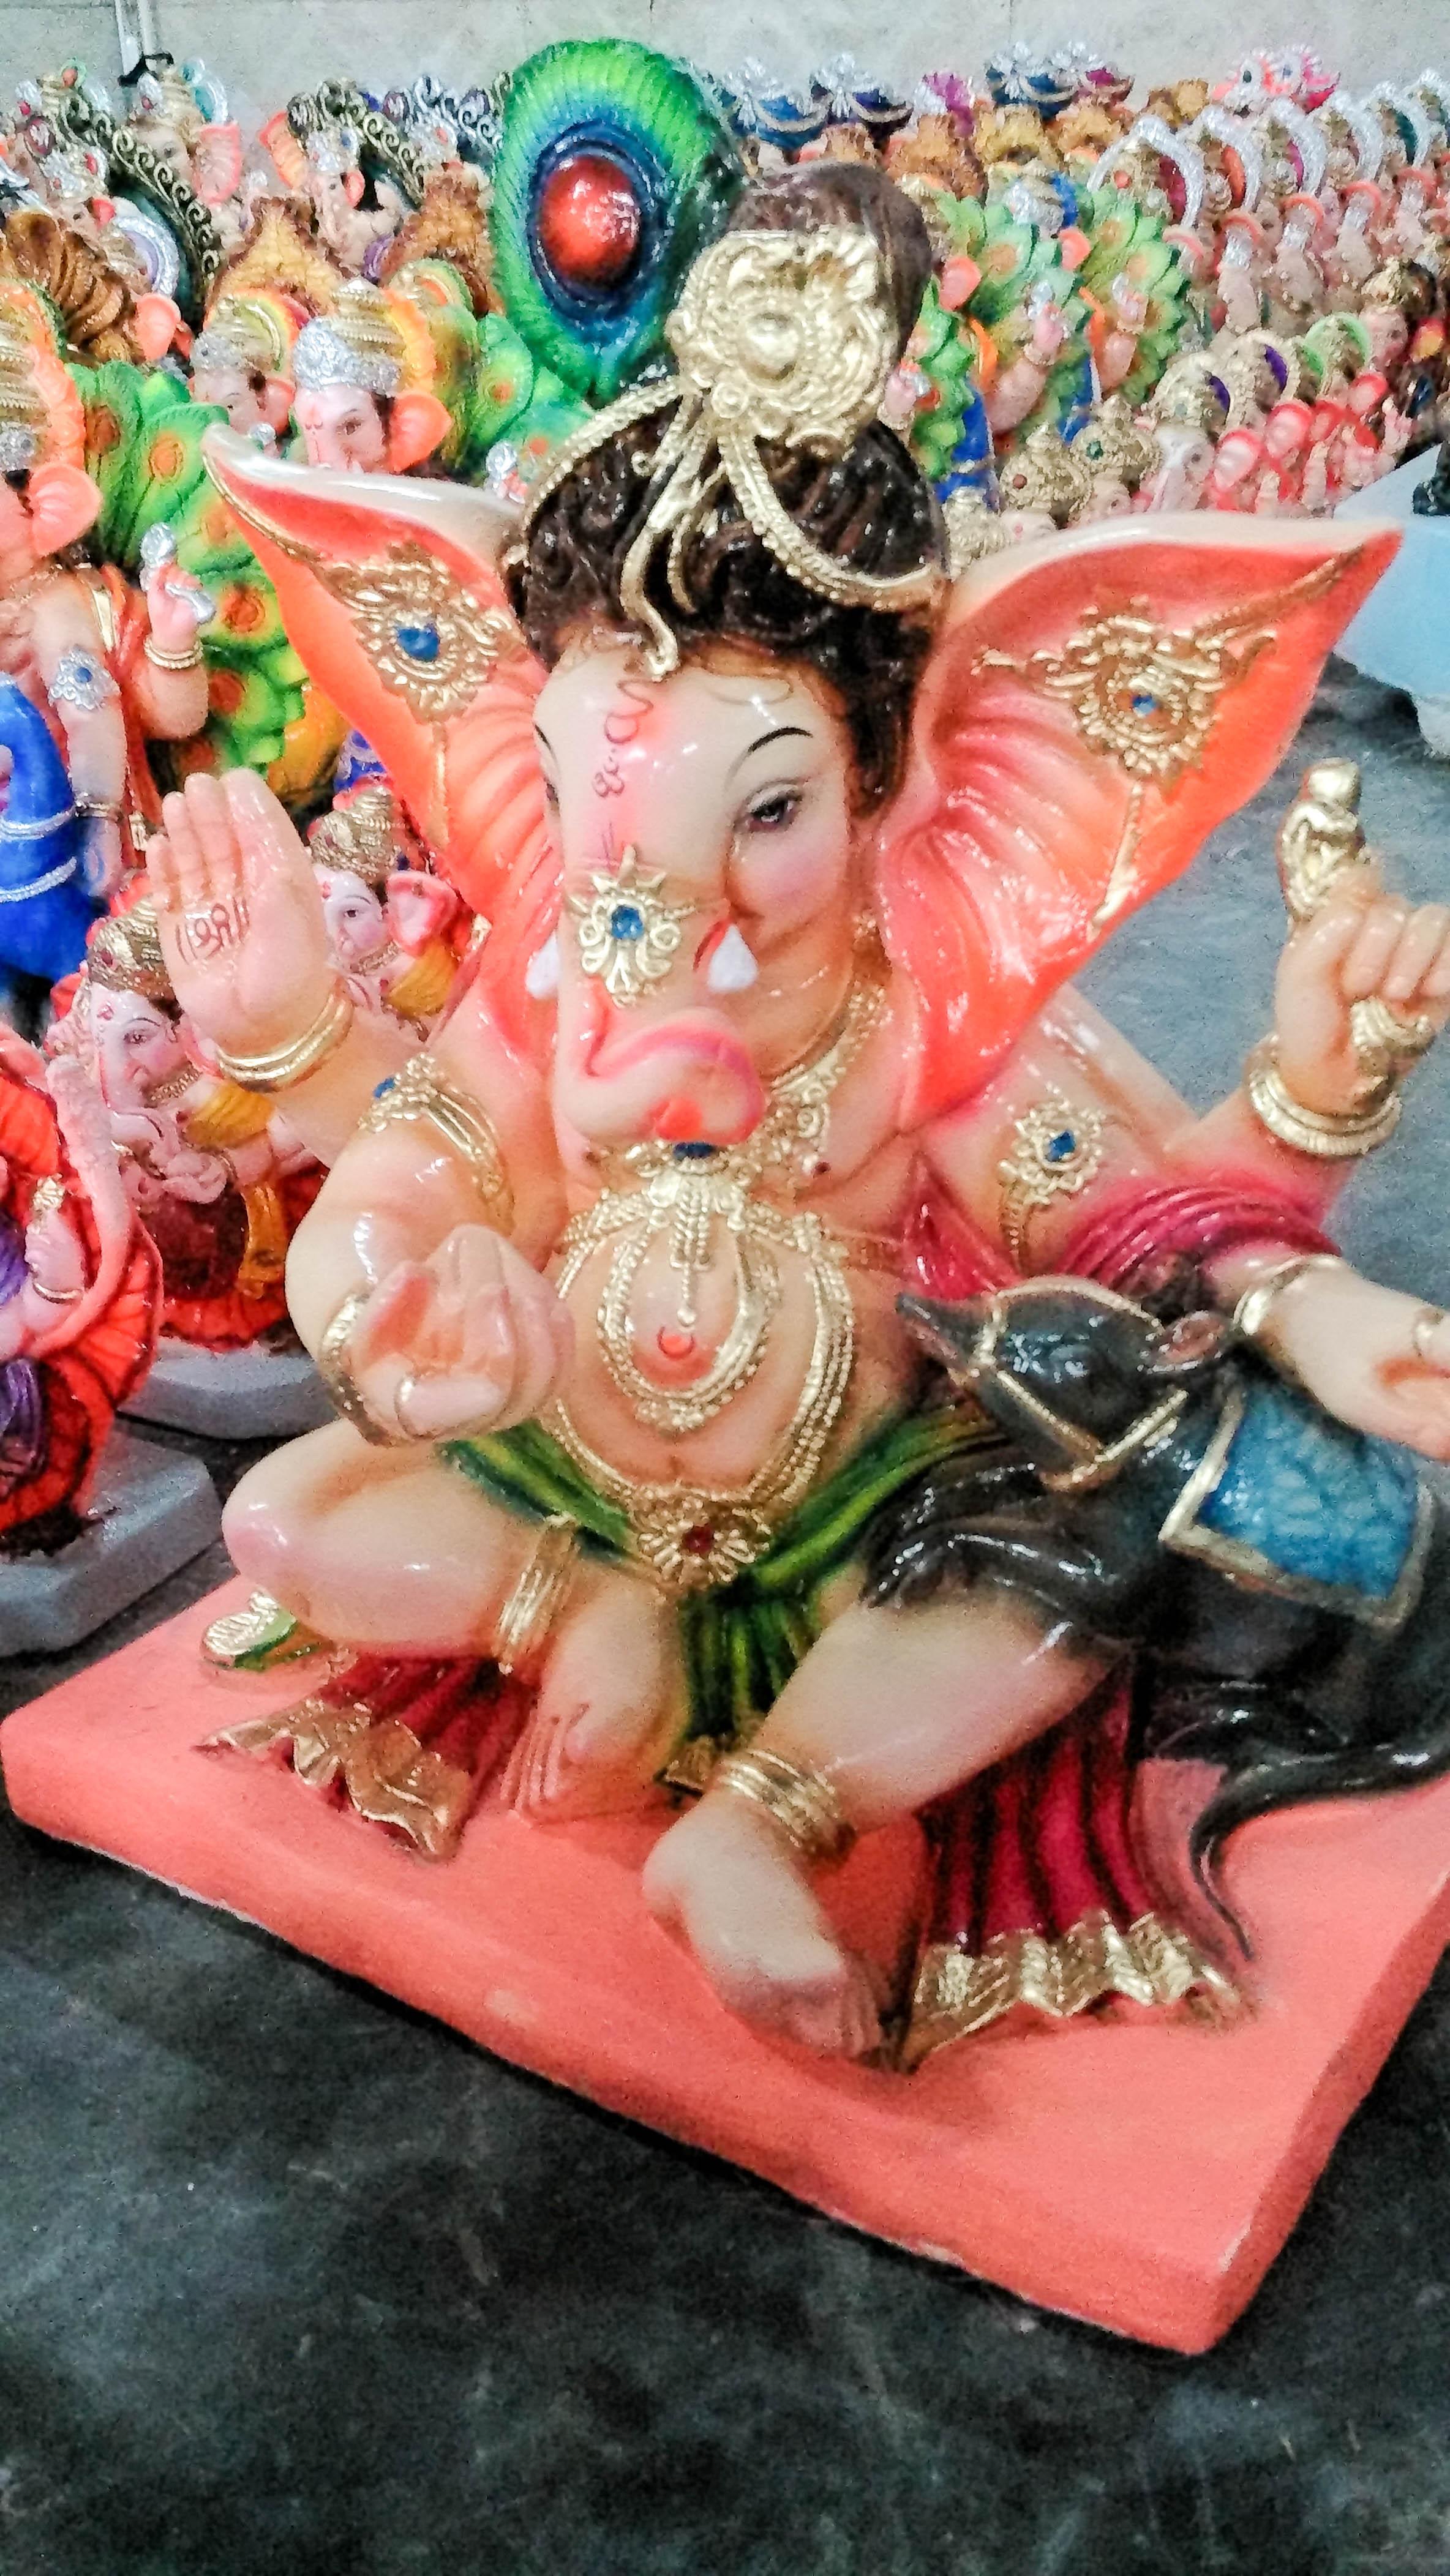 Fileganesh Wallpaper Lord Ganesha Pics Taken At A Shop Before